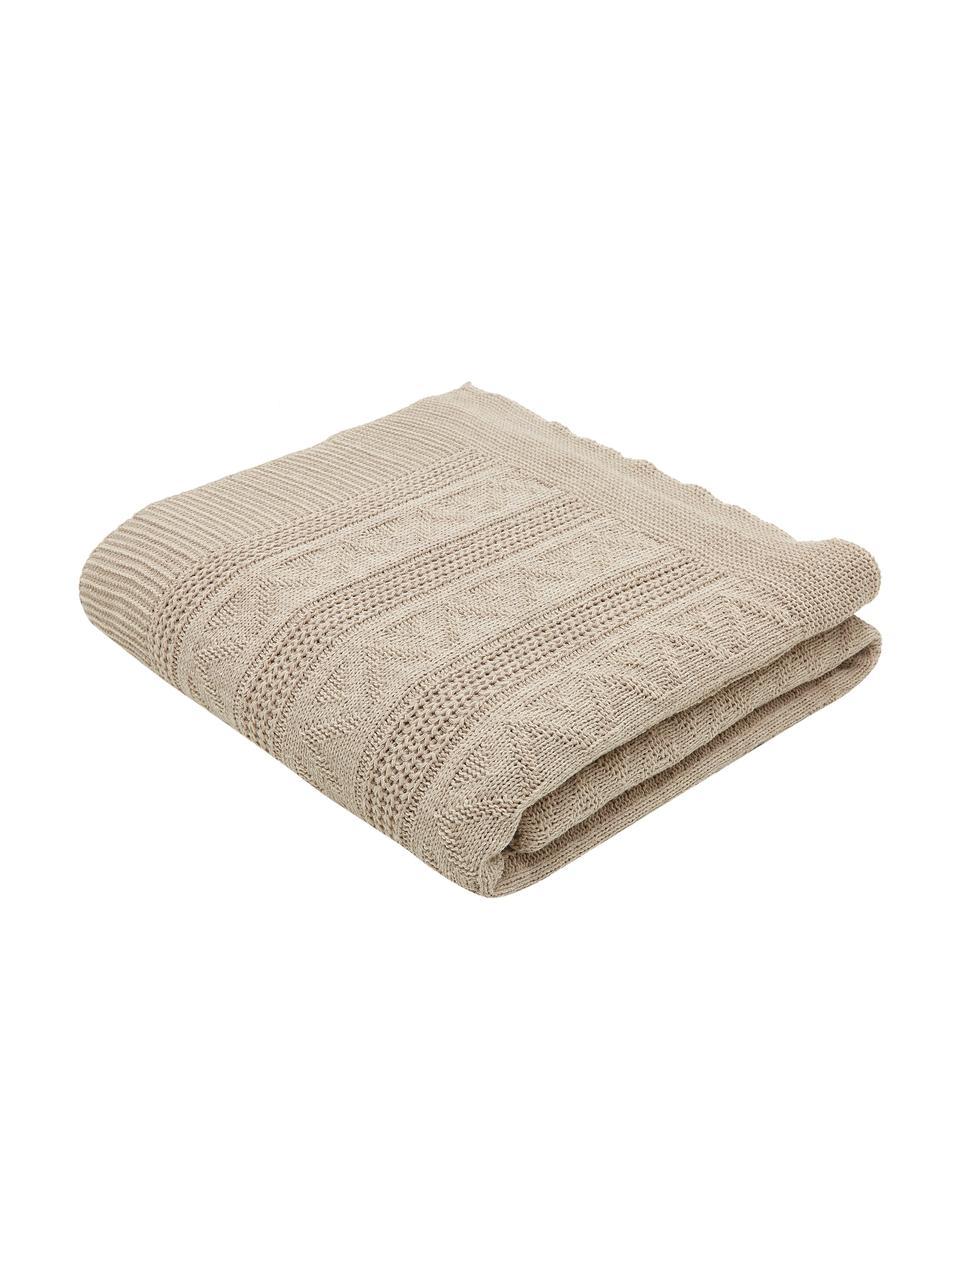 Narzuta ze strukturalną powierzchnią Magdelena, 50% bawełna, 30% poliester, 20% akryl, Beżowy, S 160 x D 220 cm (do łóżek o wymiarach do 120 x 200)